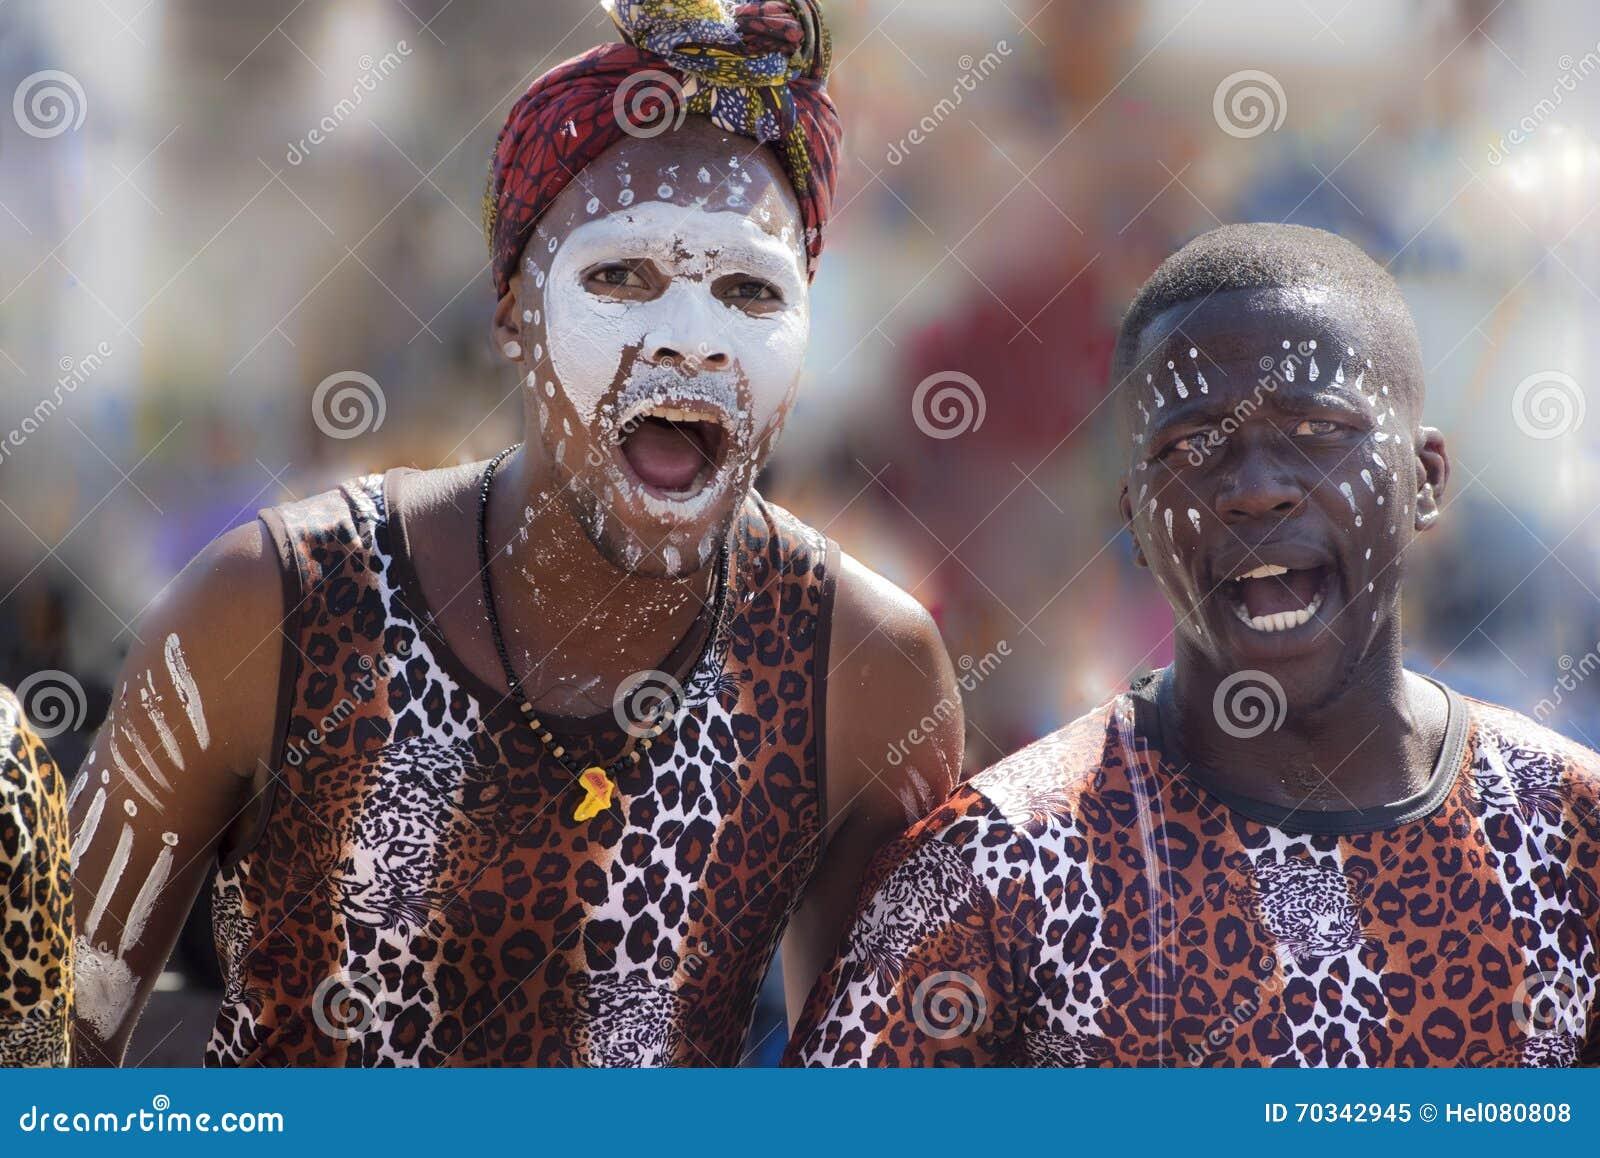 Download 非洲舞蹈演员 编辑类图片. 图片 包括有 唱歌, 打印, 庆祝, 跳舞, 屏蔽, 舞蹈, 陈列, 部落, 绘画 - 70342945